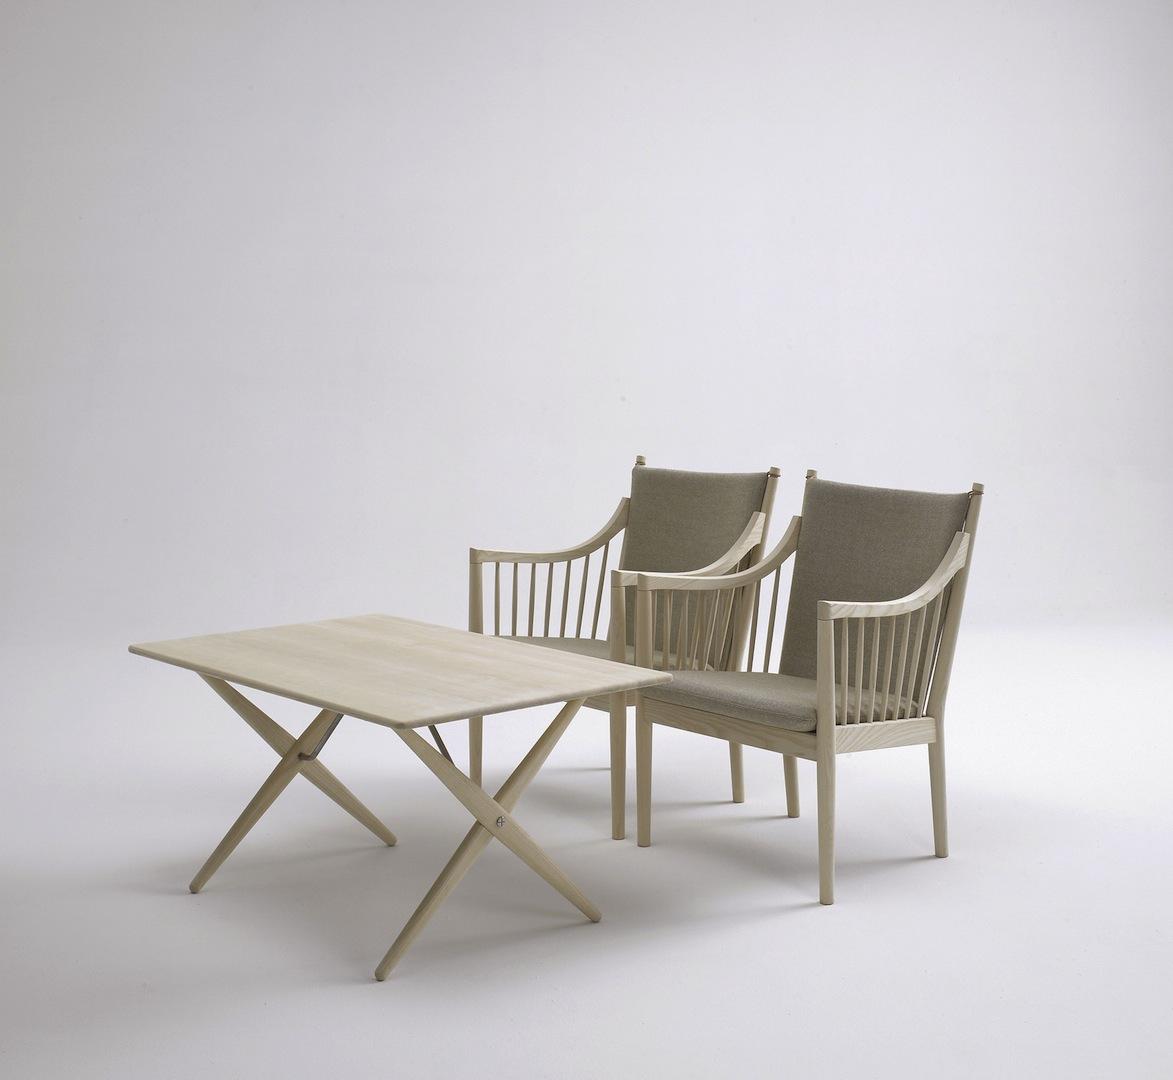 Wegner Ch008 Coffee Table: PP84 Coffee Table By Hans J. Wegner, Denmark. Design 1955